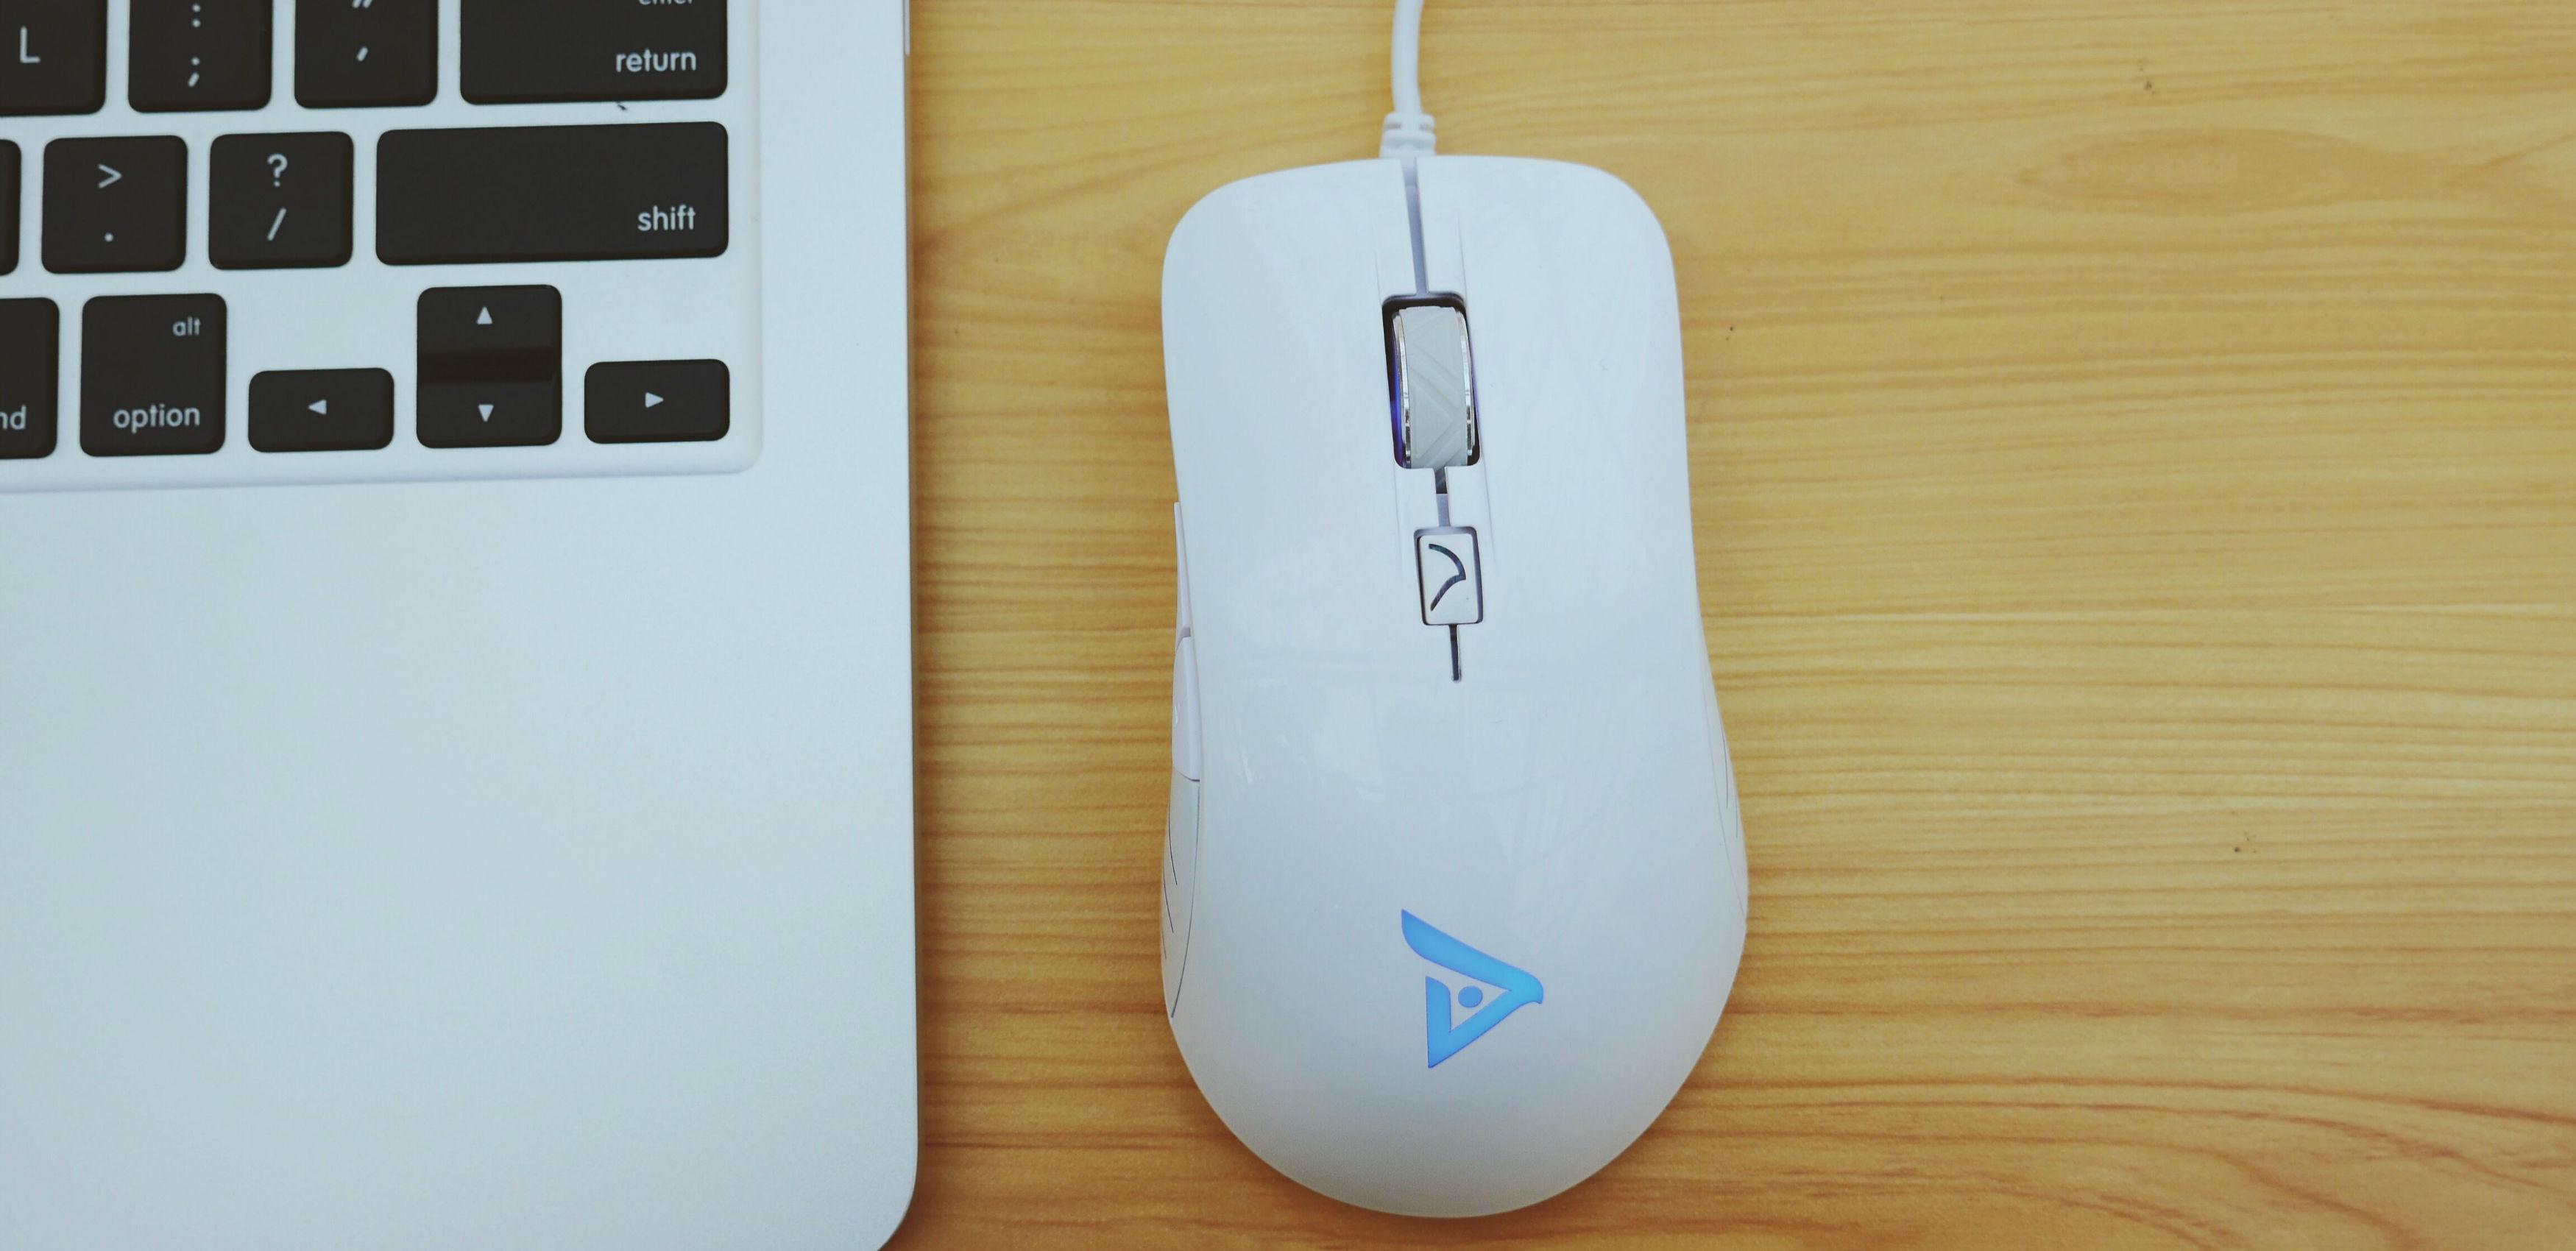 众测反馈|一个普通玩家眼中的「钛度鼠标」